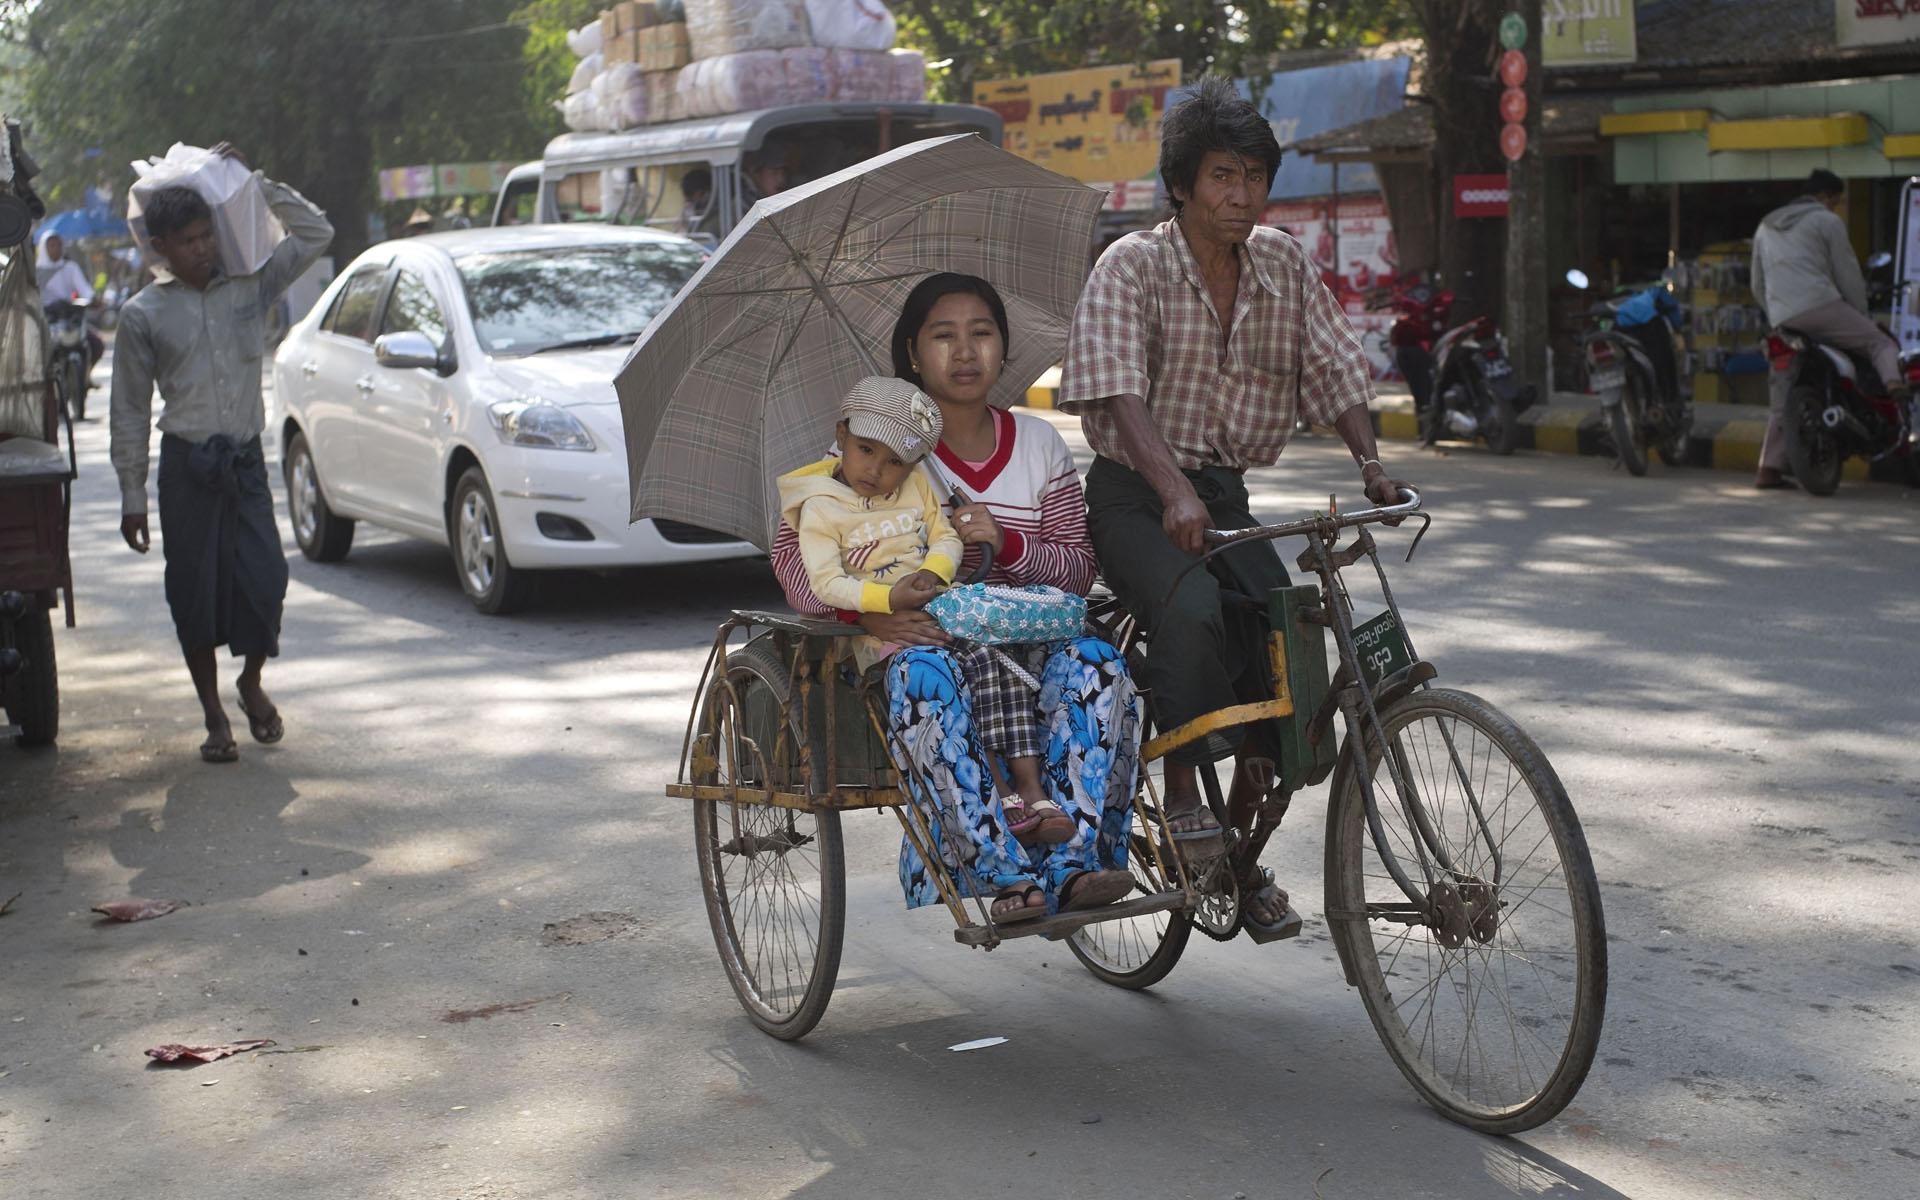 Ehepaar auf einem Trishaw in Sittwe. Der Mann gehört der Volksgruppe der Rohingya an, die Frau ist Birmanin.